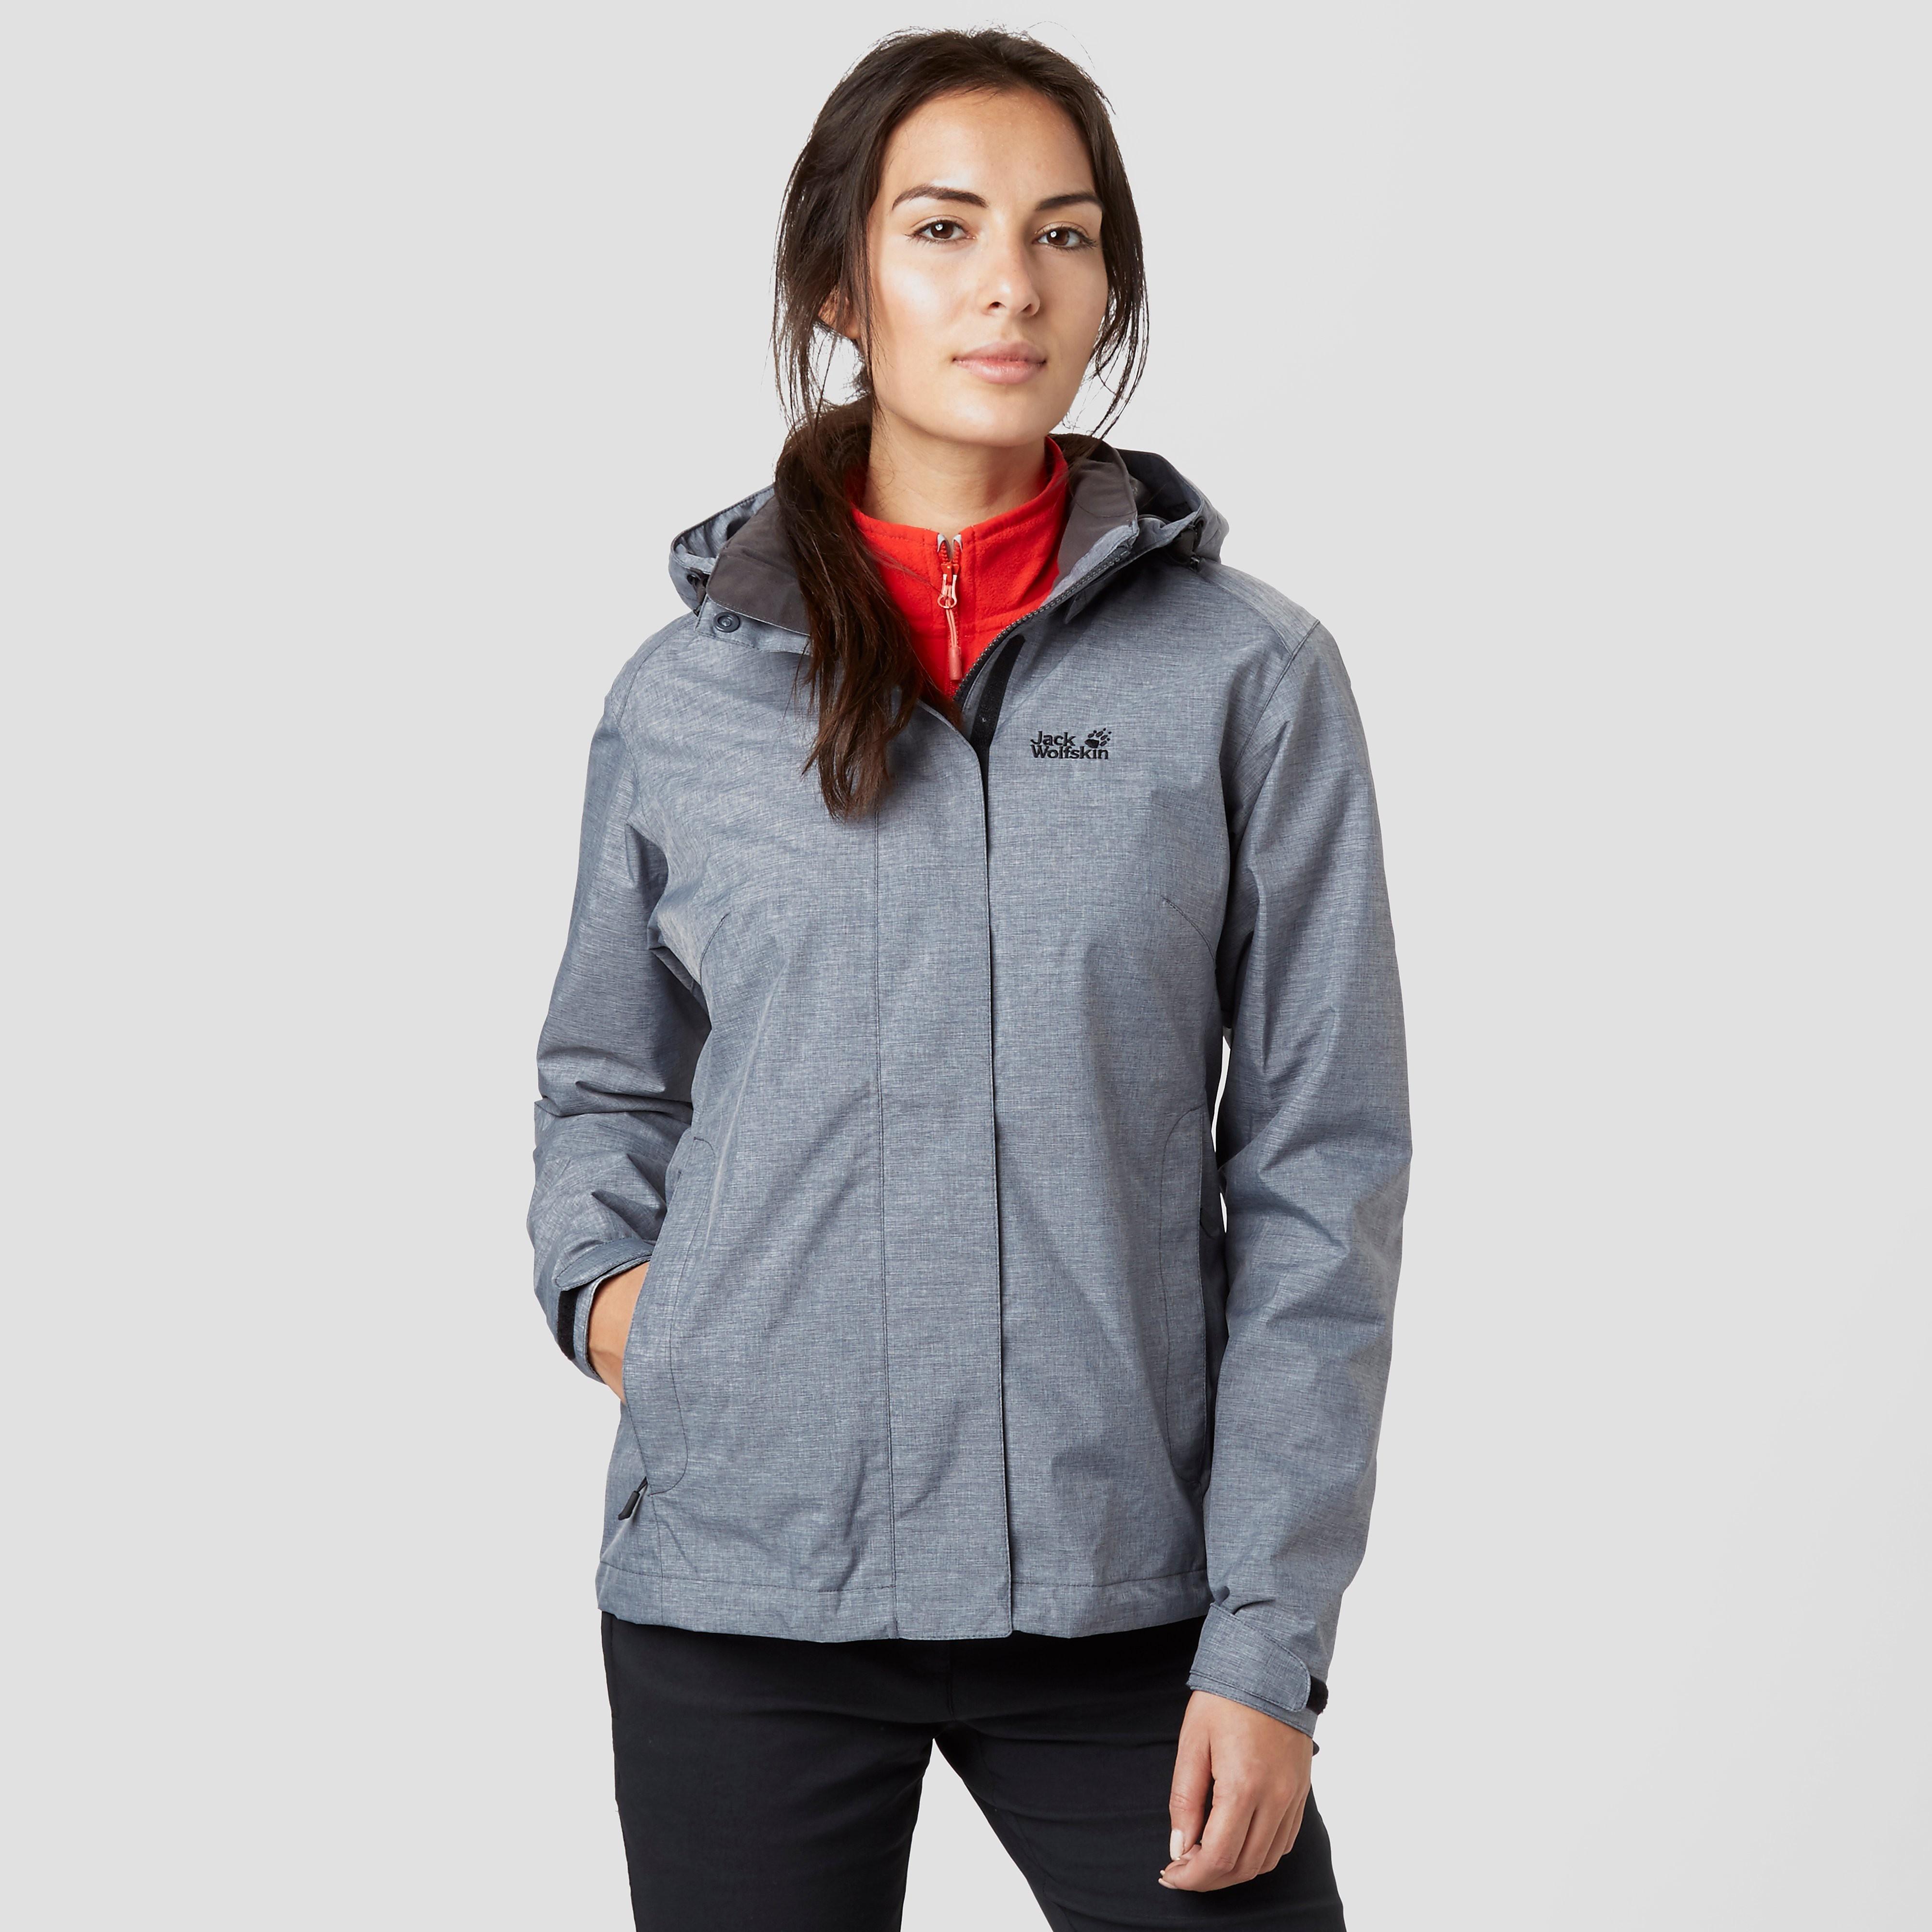 Jack Wolfskin Paradise Valley Waterproof Women's Jacket